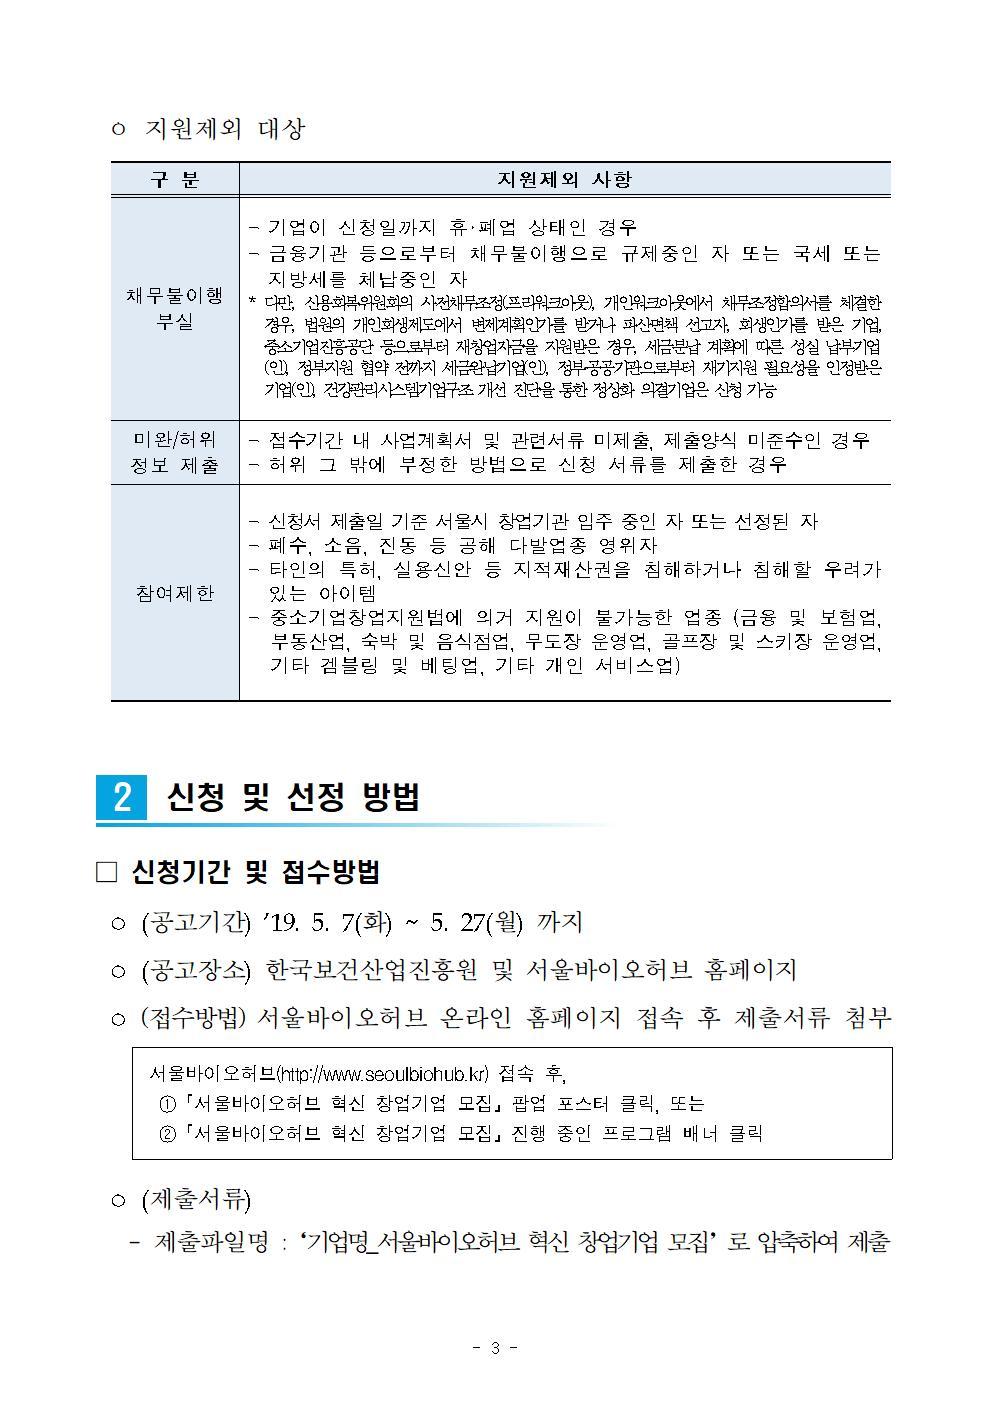 2019년 서울바이오허브 혁신 창업기업 모집 공고_final003